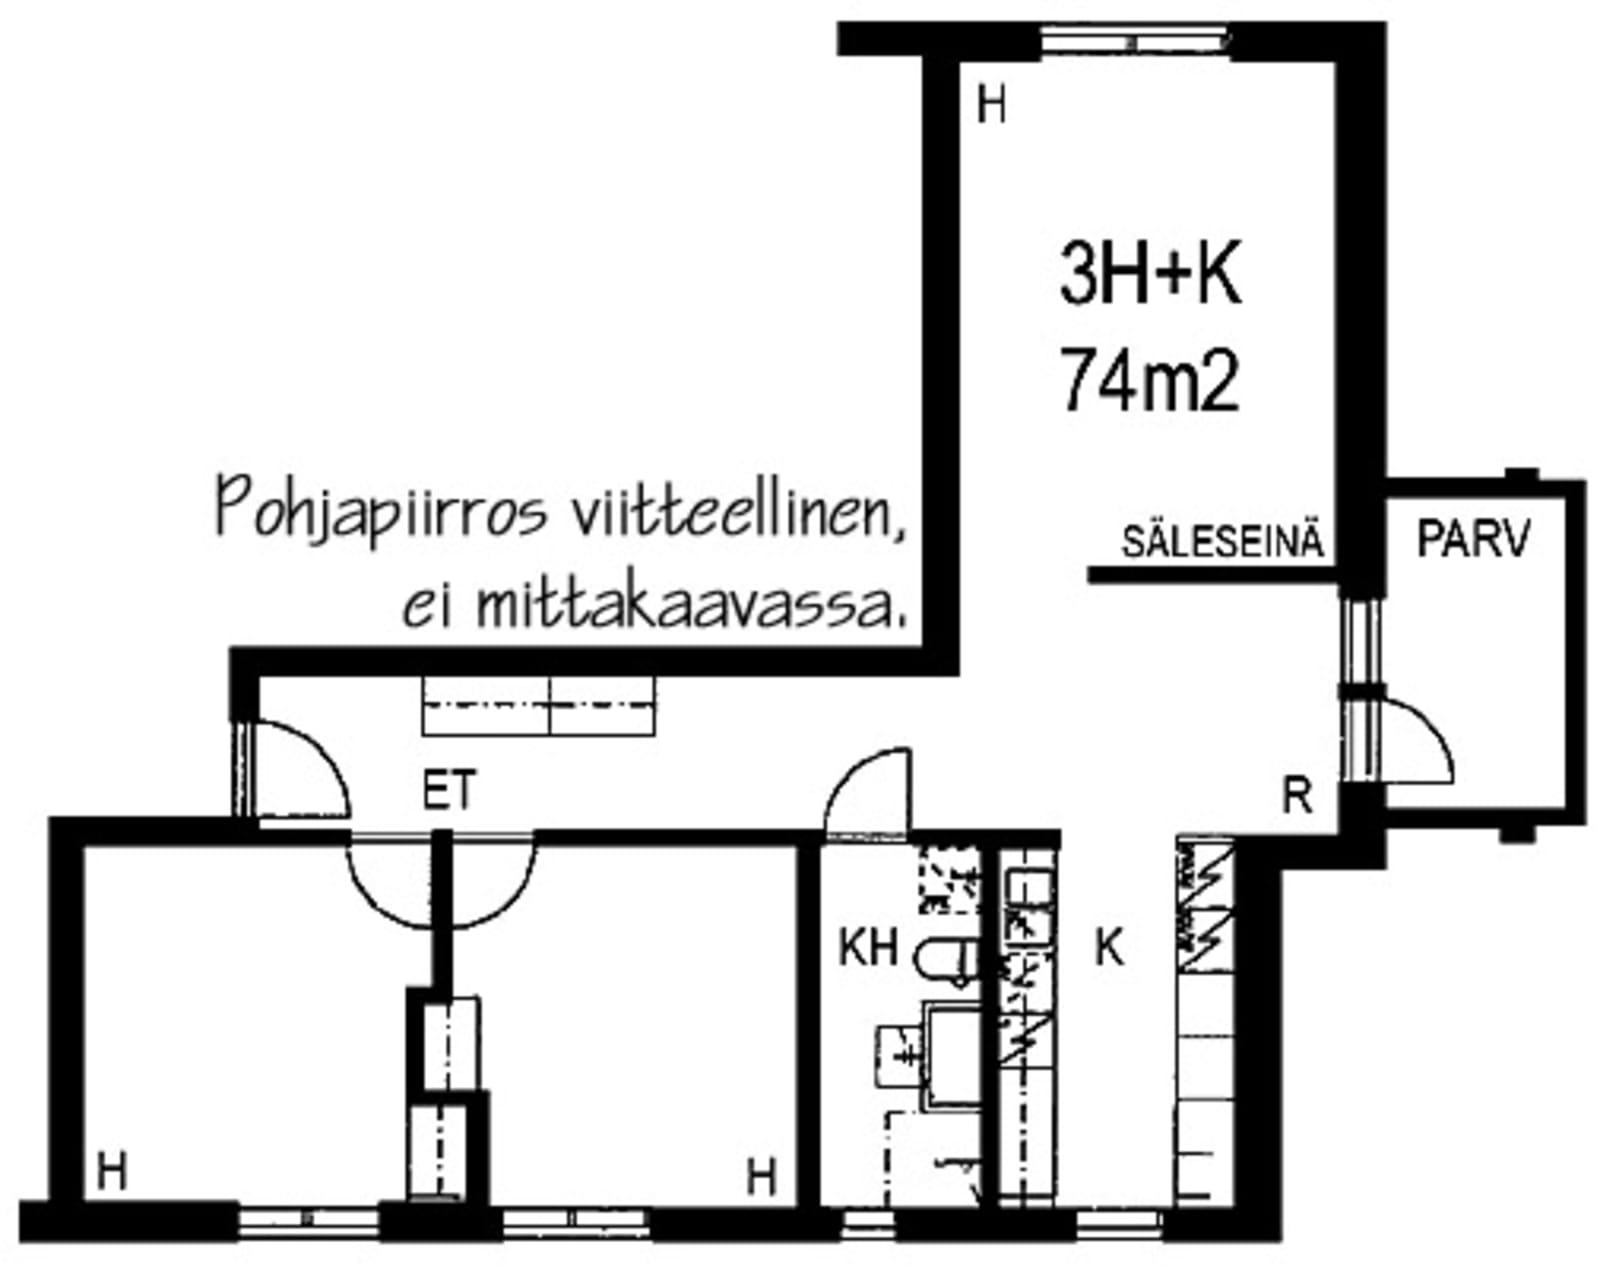 Helsinki, Pikku Huopalahti, Tilkankatu 6 F 063